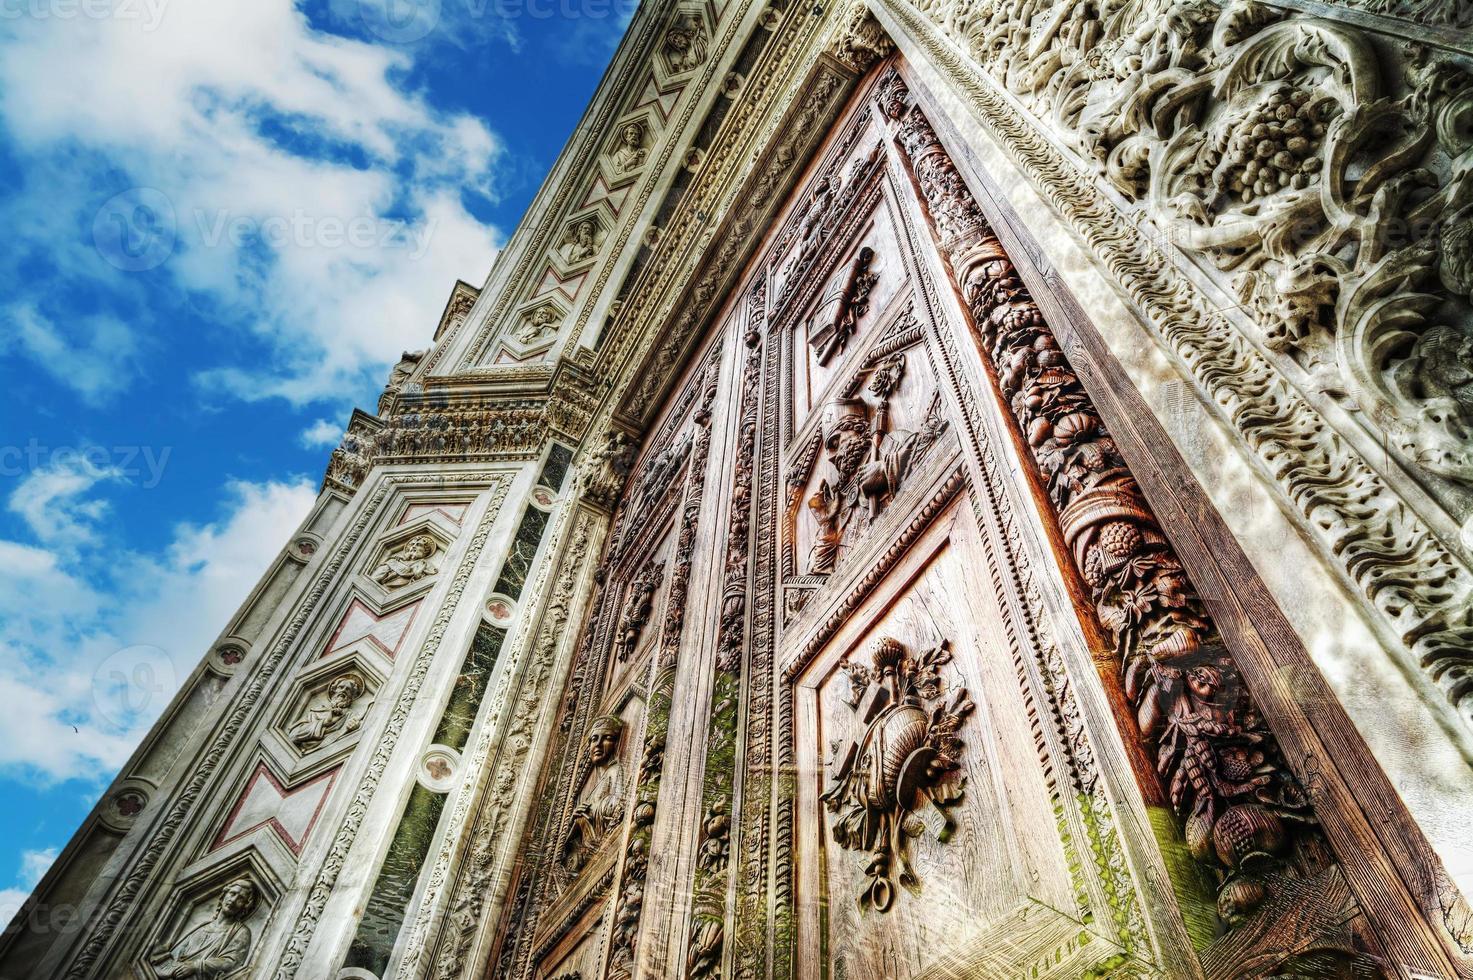 Catedral de Santa Croce bajo un cielo azul con nubes foto